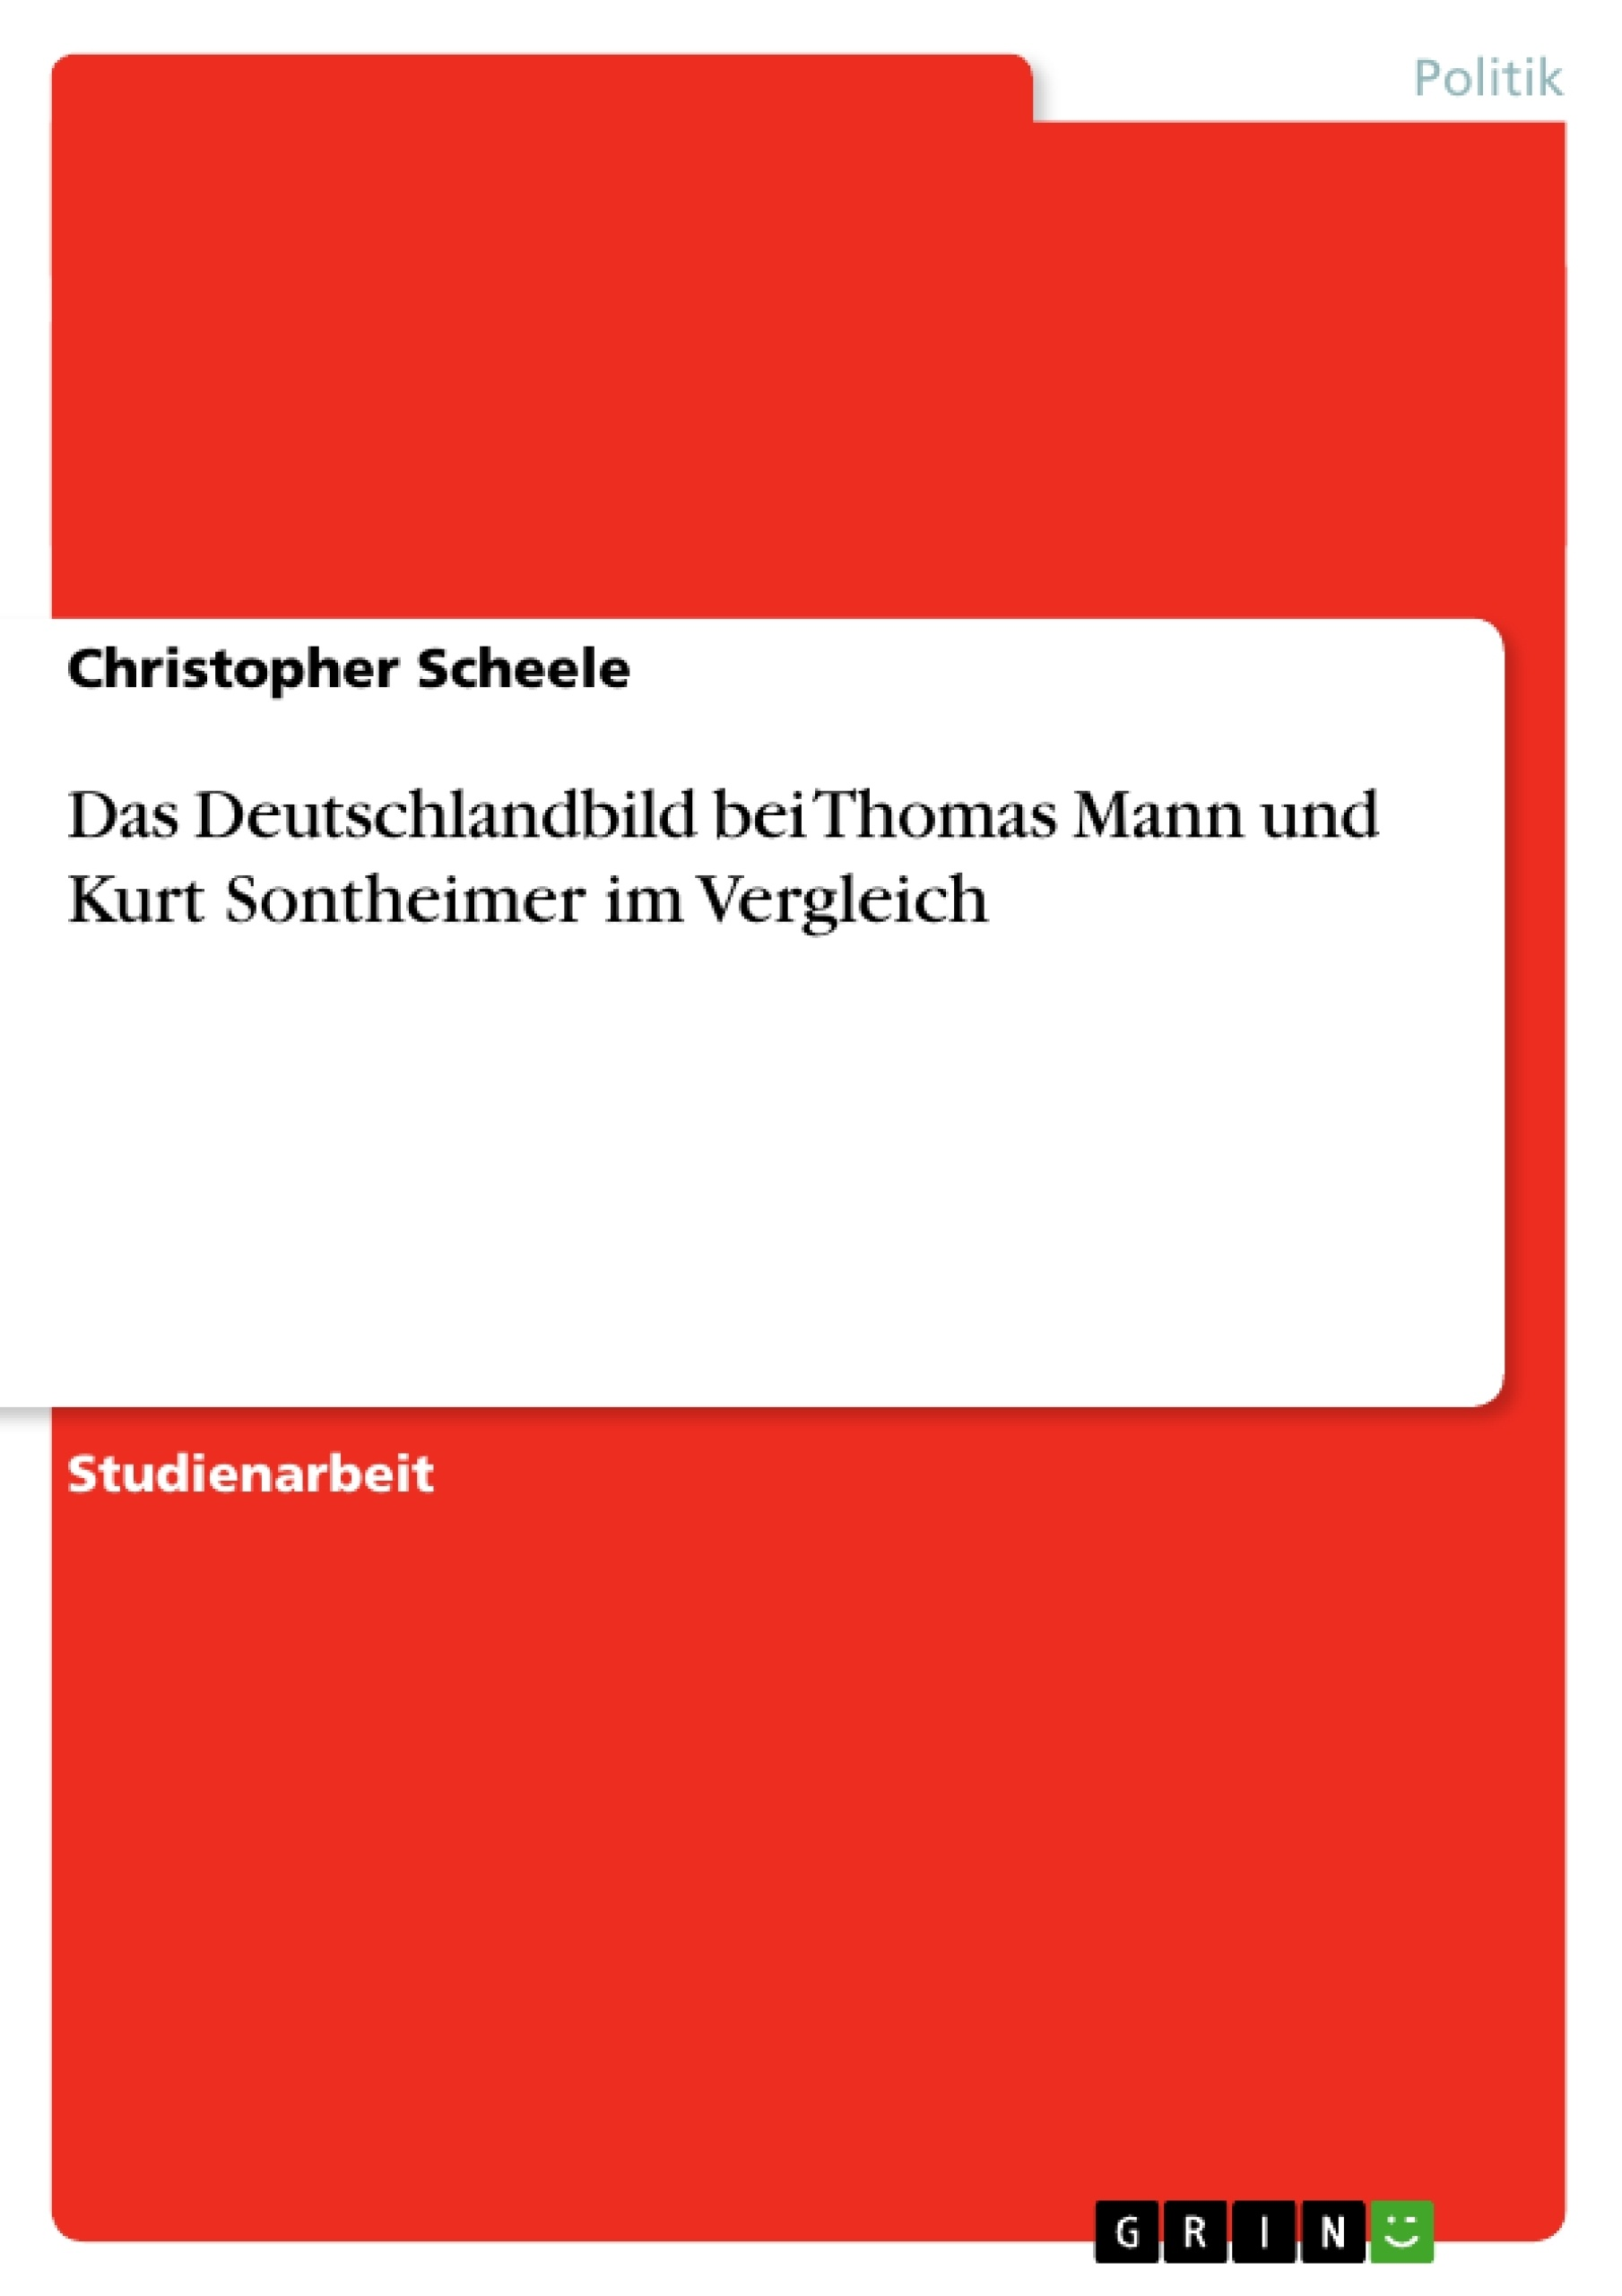 Titel: Das Deutschlandbild bei Thomas Mann und Kurt Sontheimer im Vergleich